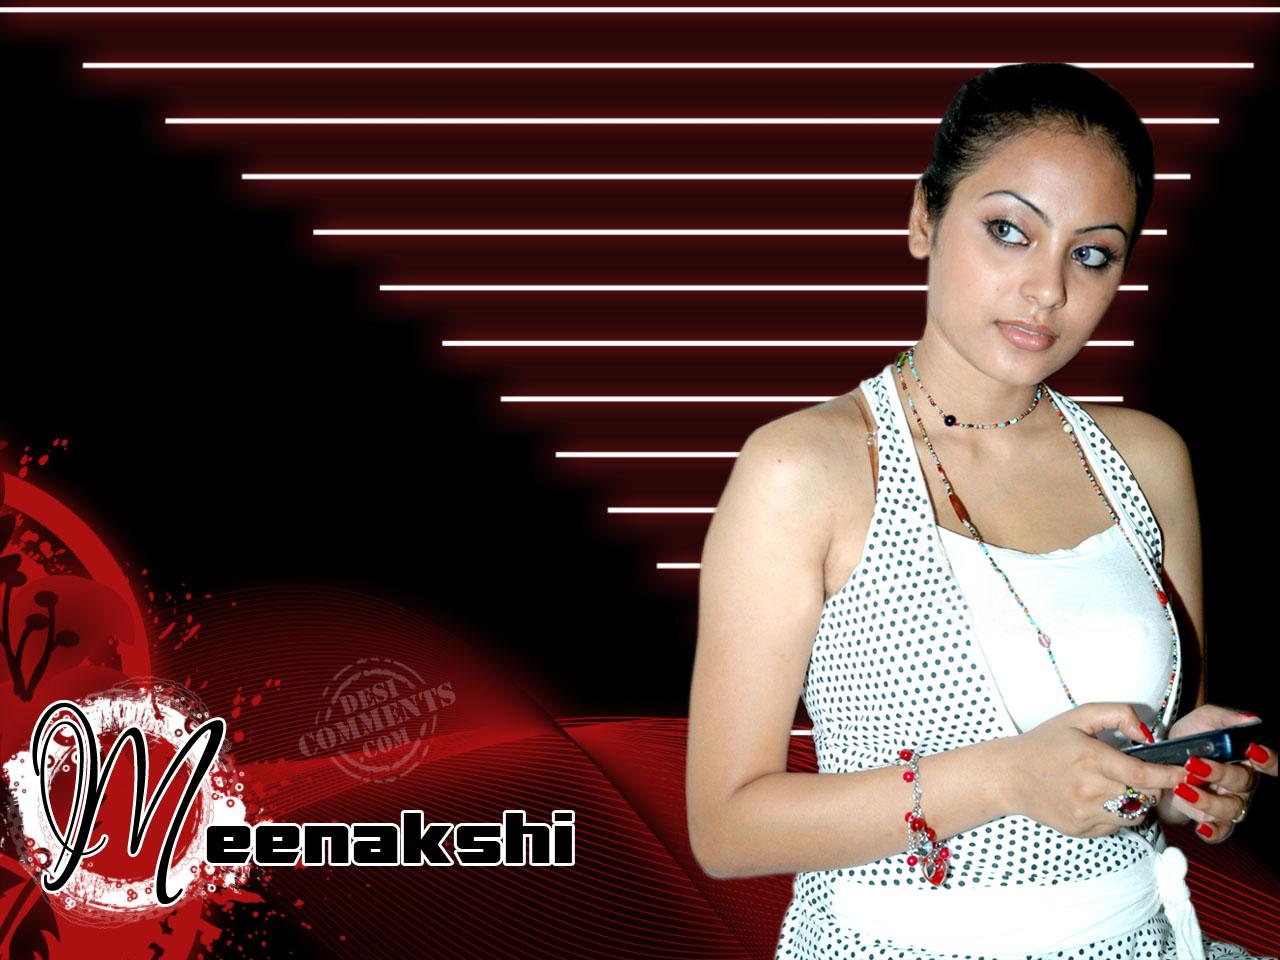 http://4.bp.blogspot.com/-Hts6ZhFLocM/TYASVHANA1I/AAAAAAAAF64/_HNbx6JsmFk/s1600/Meenakshi-wallpaper-3%255B1%255D.jpg